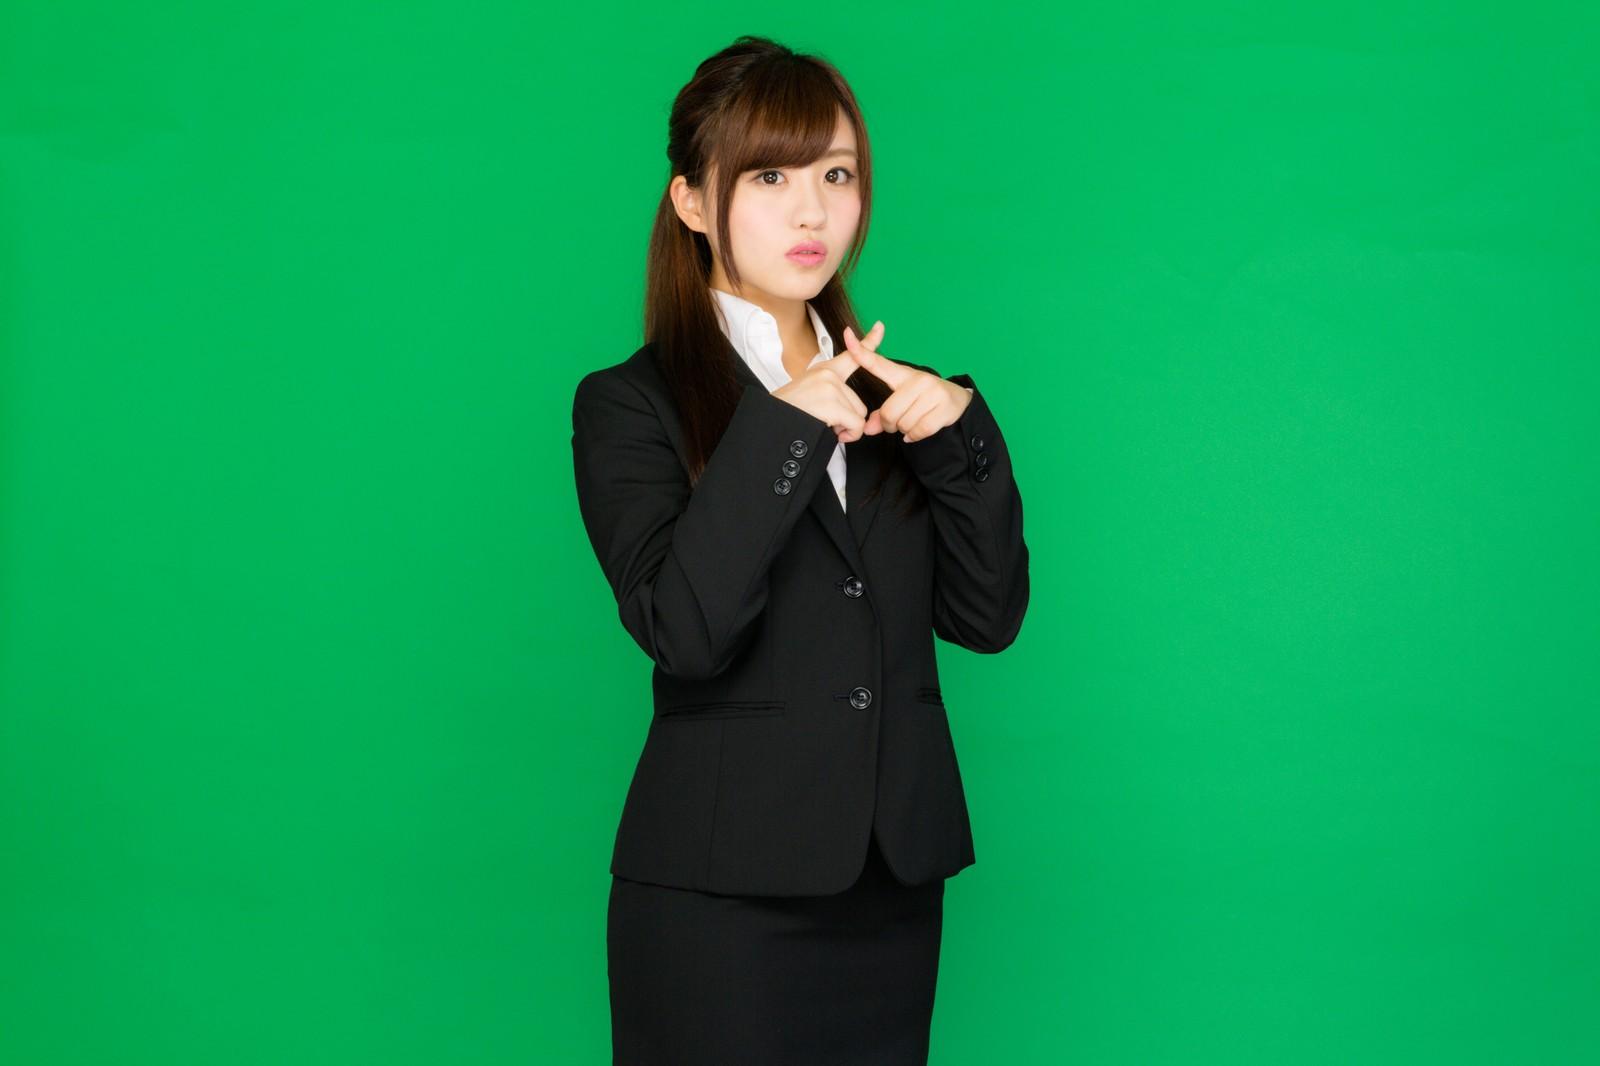 生駒里奈 卒業 理由 解雇 握手会 声優 画像